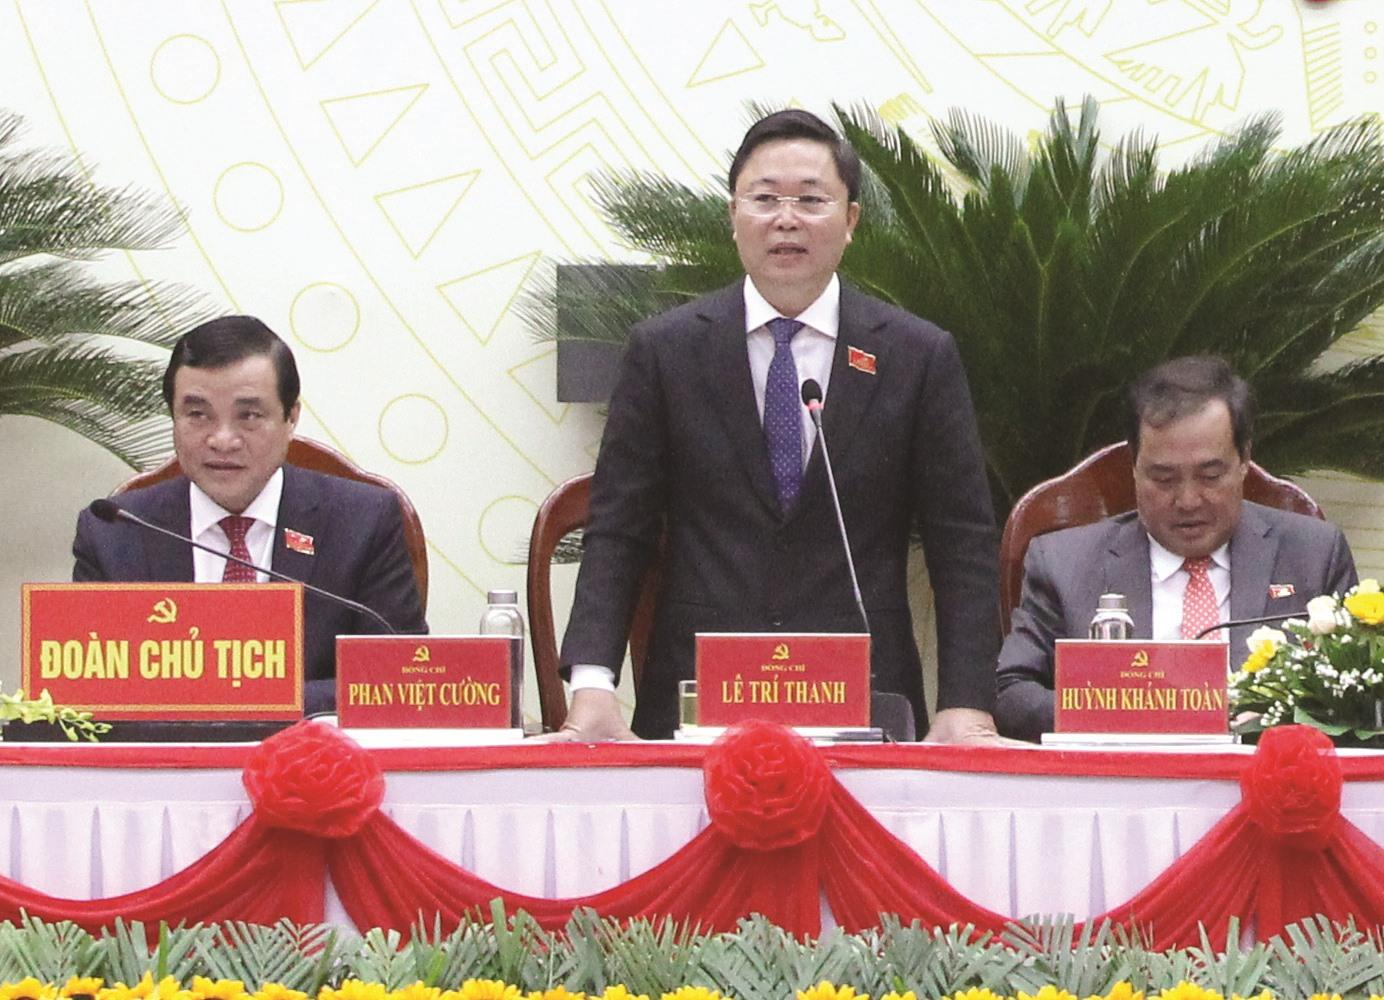 Phó Bí thư Tỉnh ủy, Chủ tịch UBND tỉnh Lê Trí Thanh phát biểu tại Đại hội. Ảnh: T.C